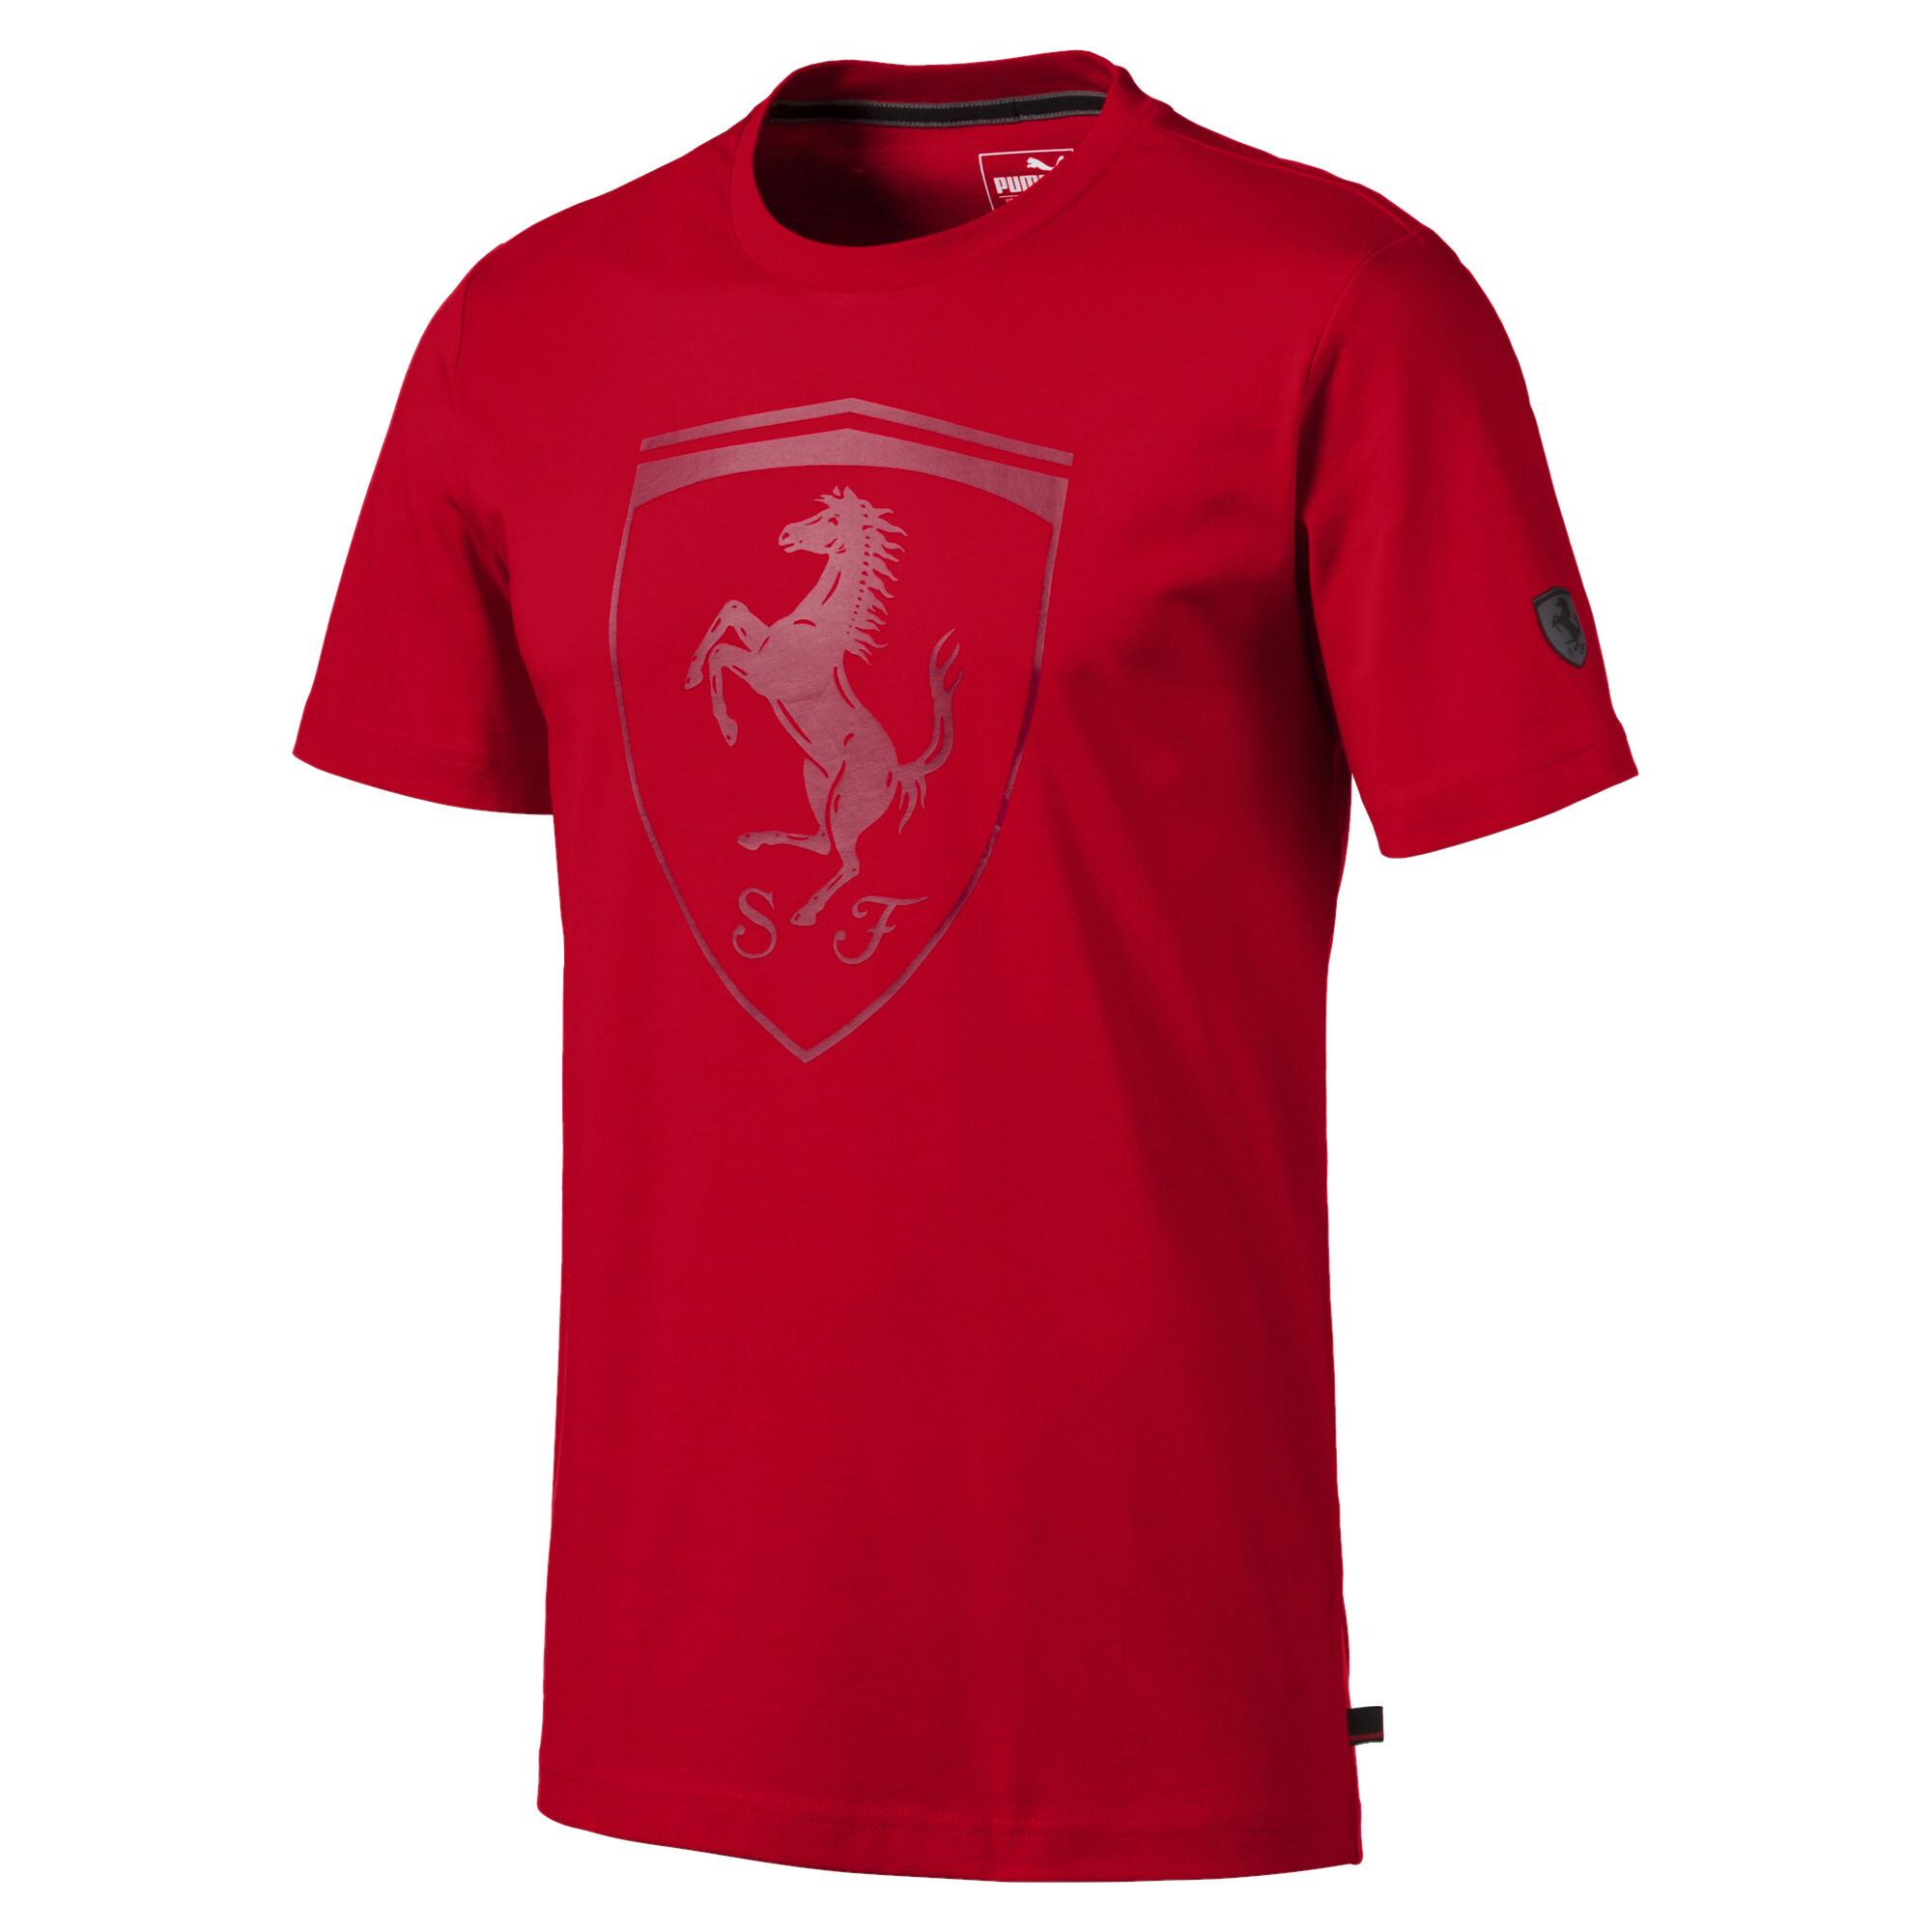 【プーマ公式通販】 プーマ フェラーリ ビッグ シールド Tシャツ 半袖 メンズ Rosso Corsa |PUMA.com